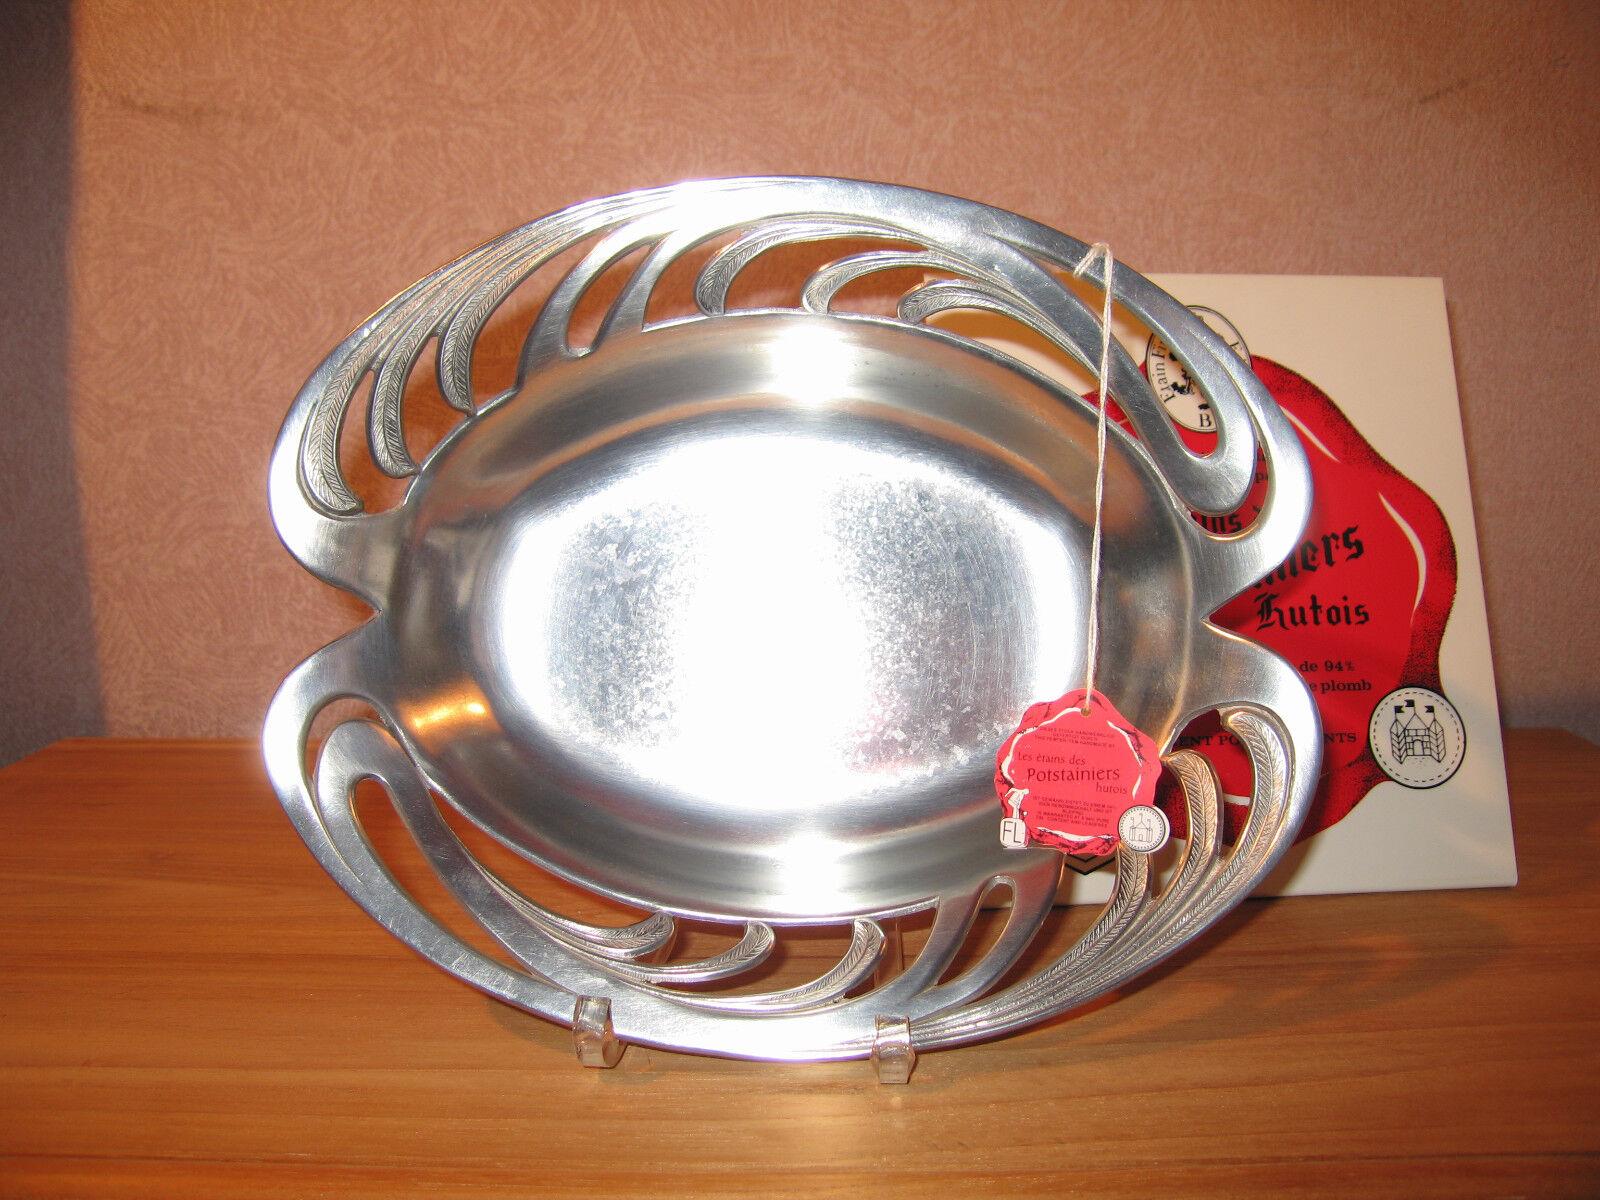 POTSTAINIERS HUTOIS NEW Corbeille ovale Tropica 28x21 cm étain pur 94% tin